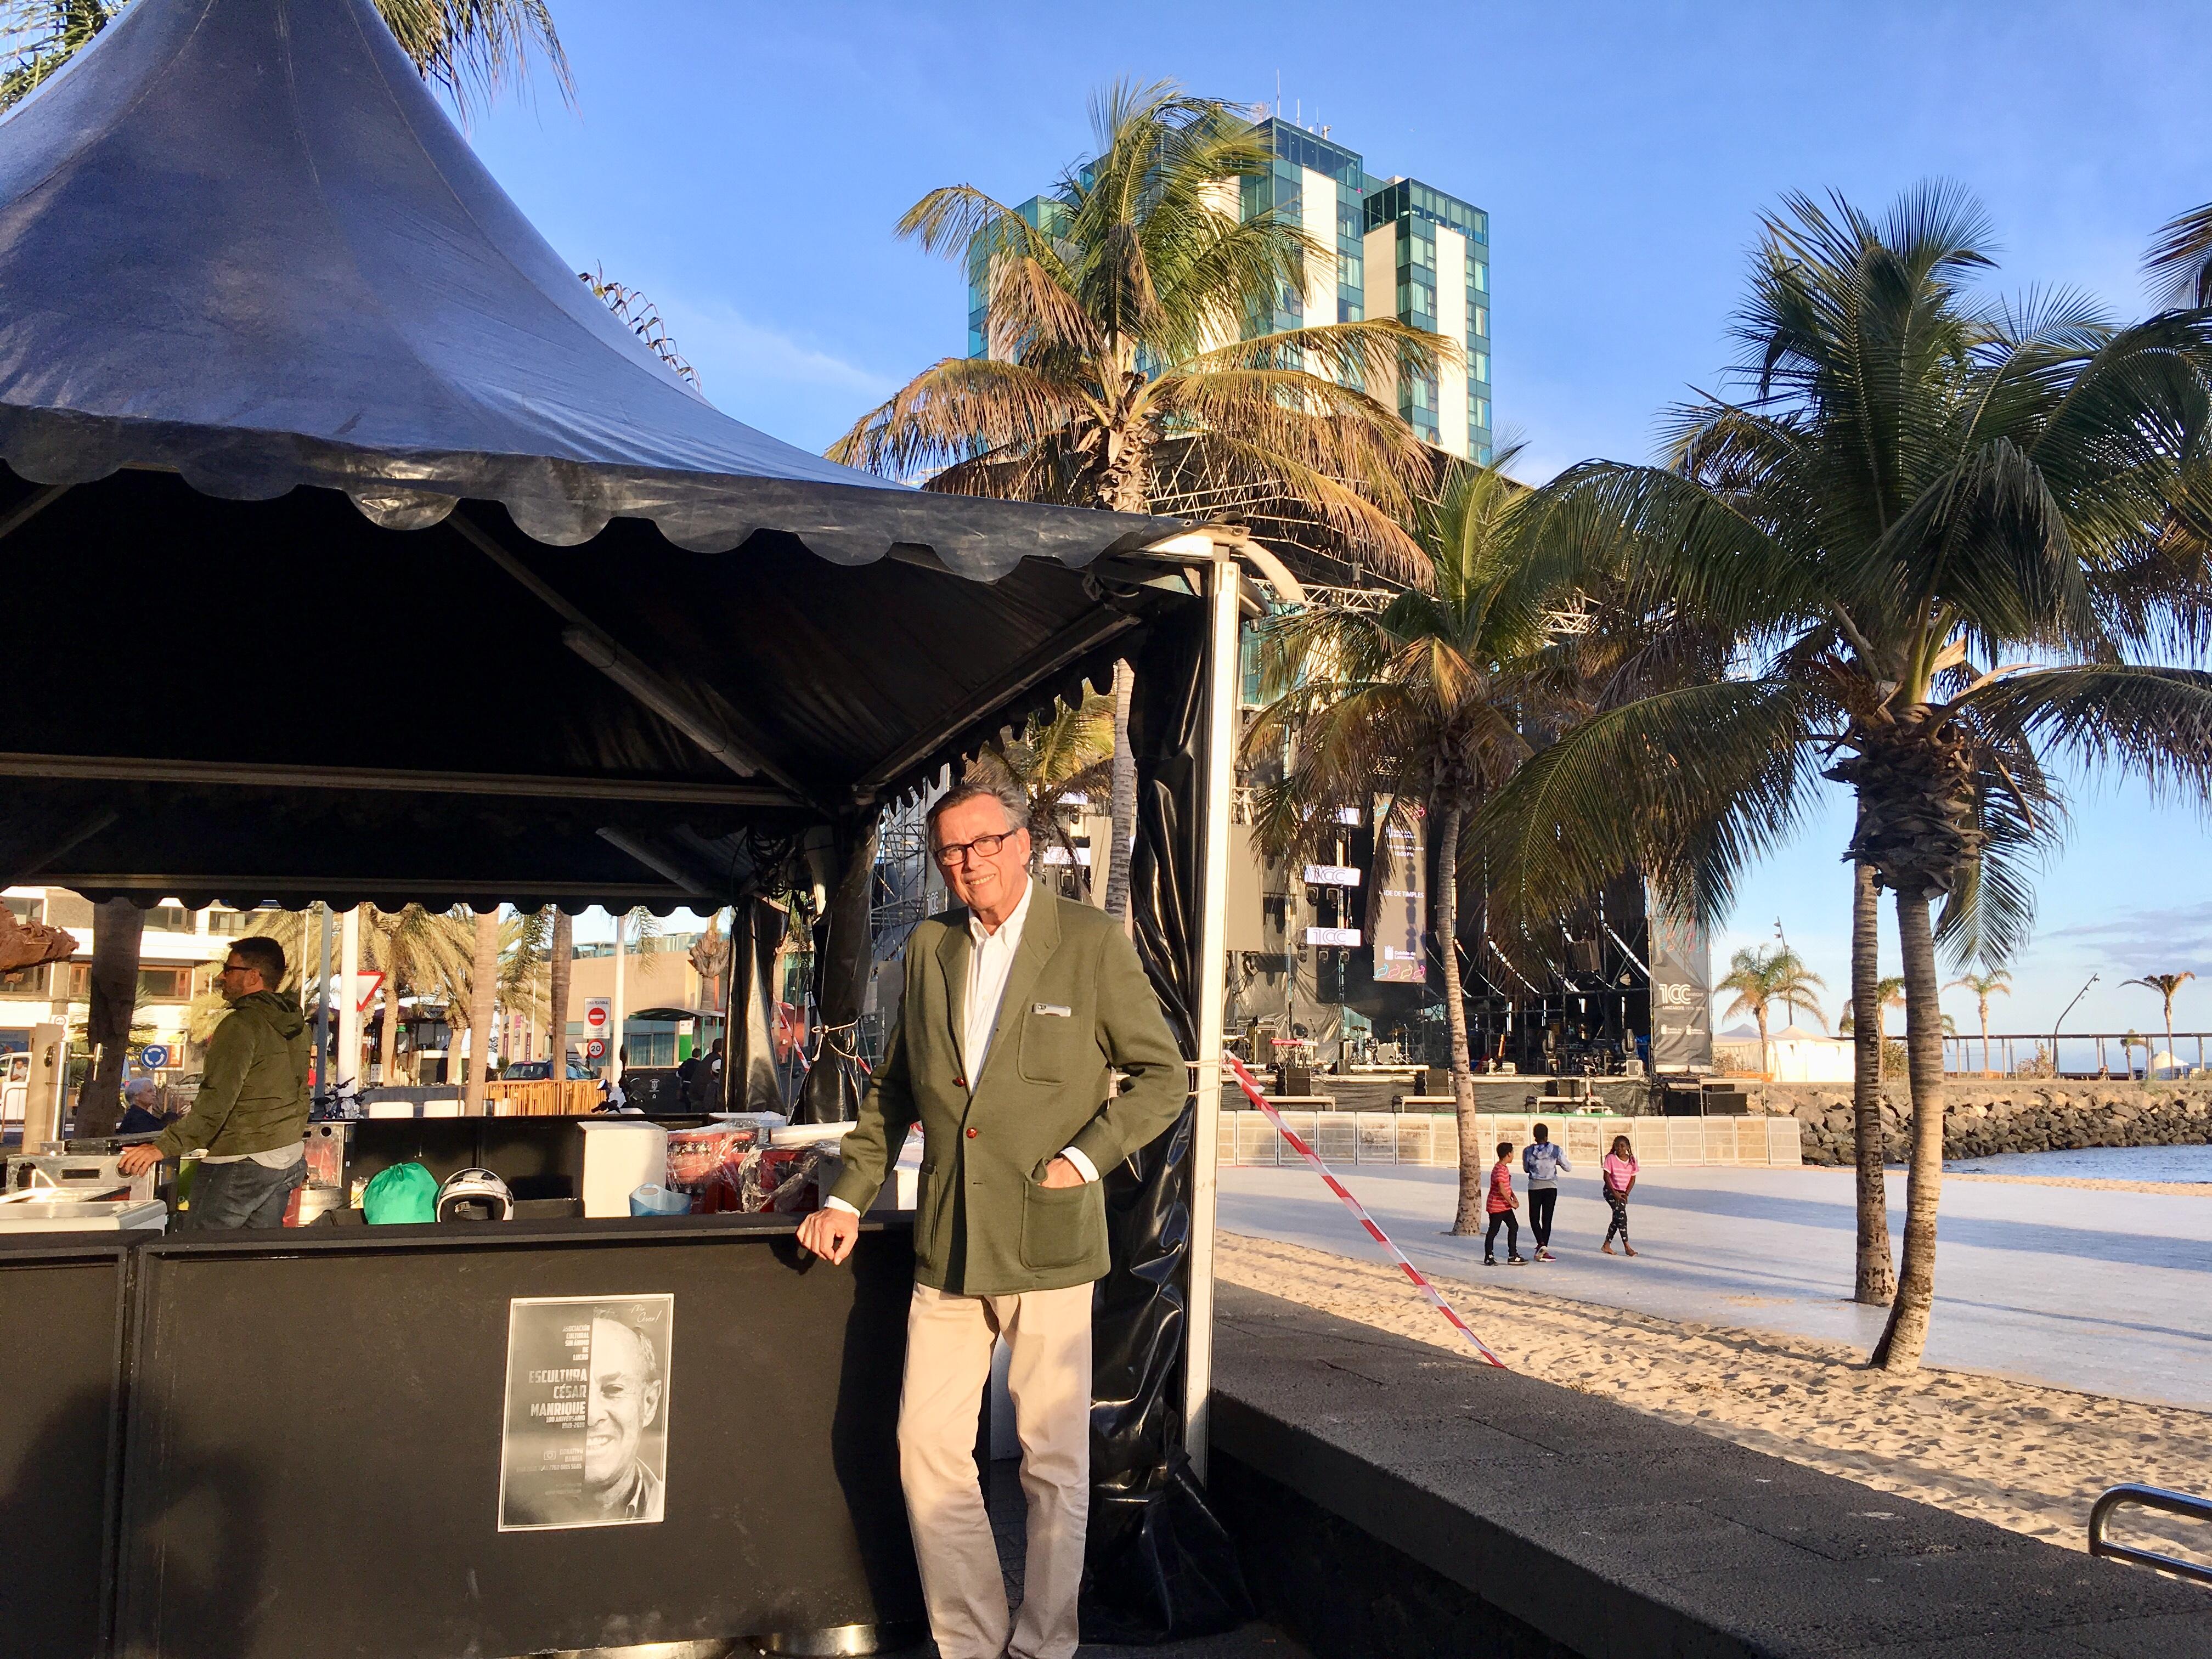 Un kiosko junto a Escenario Manrique recaudará fondos para la escultura en homenaje a Manrique